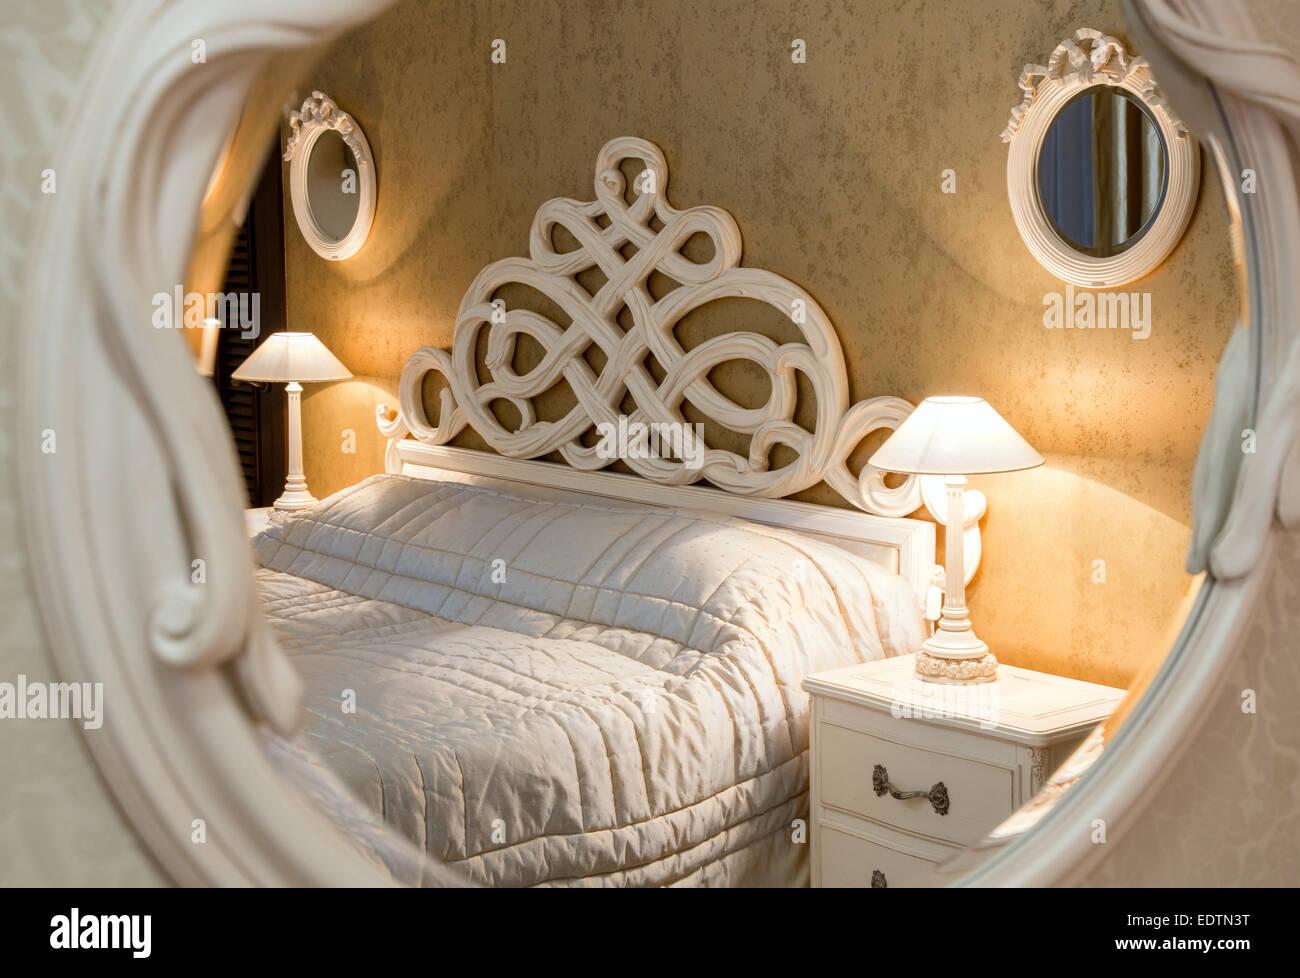 Letti Stile Vintage : Bianco in stile vintage letto intagliato e comodino con lampade